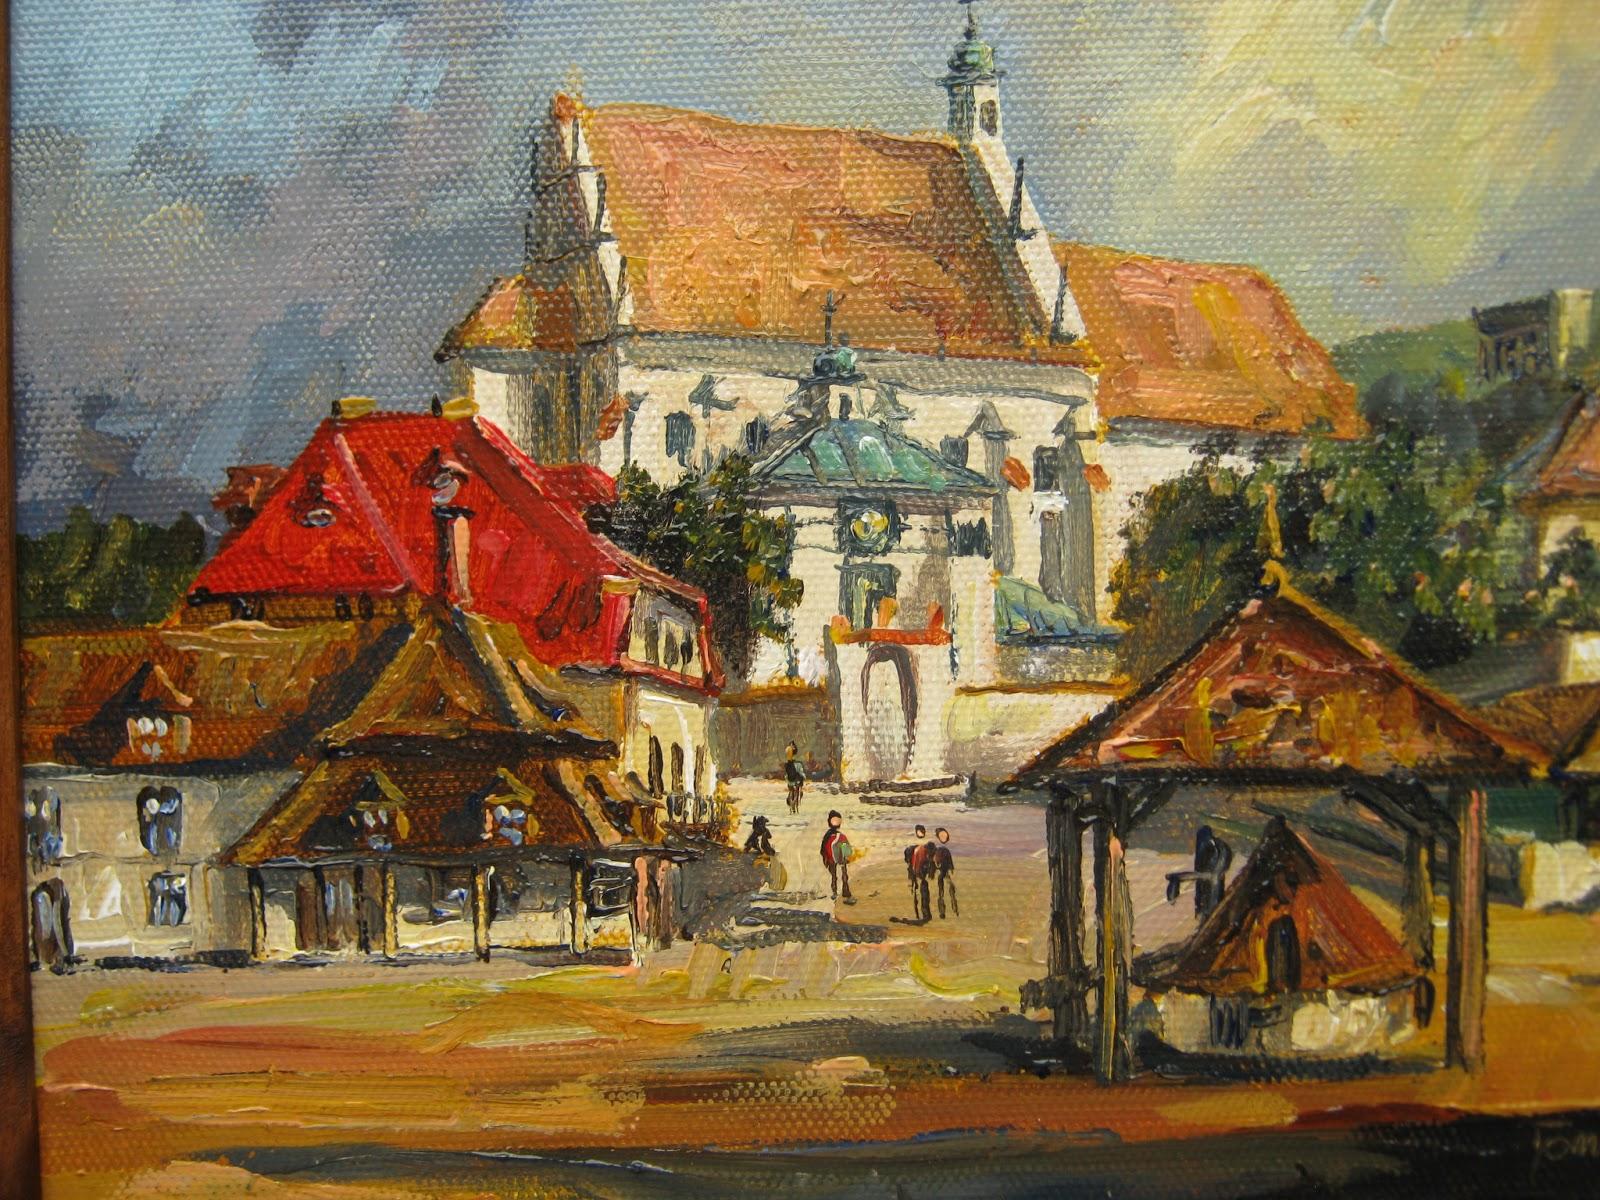 Ogromny Malarstwo olejne Tomasz Maj : Kazimierz Dolny nad Wisłą - miniatura PJ86